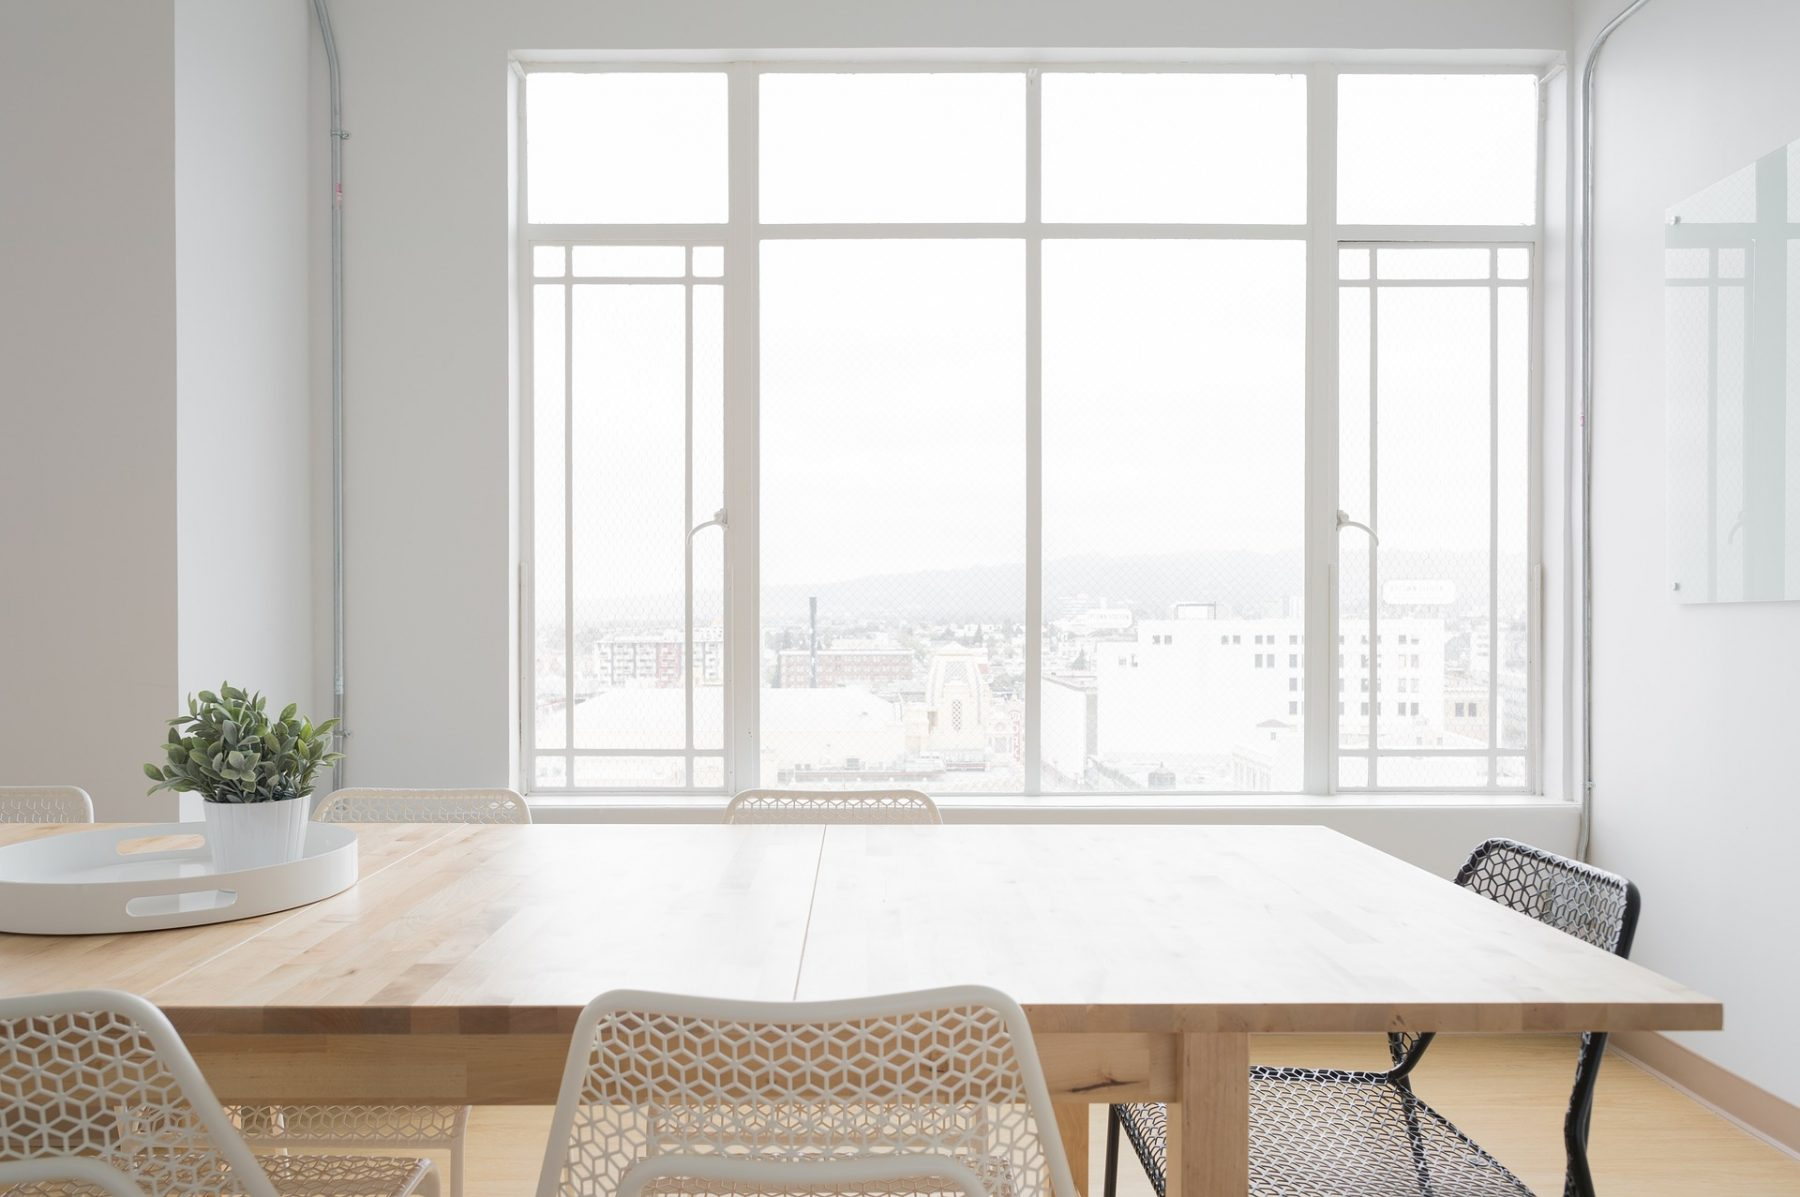 verkoopstyling vastgoedstyling woonbemiddelaar makelaar tips huis stylen voor verkoop